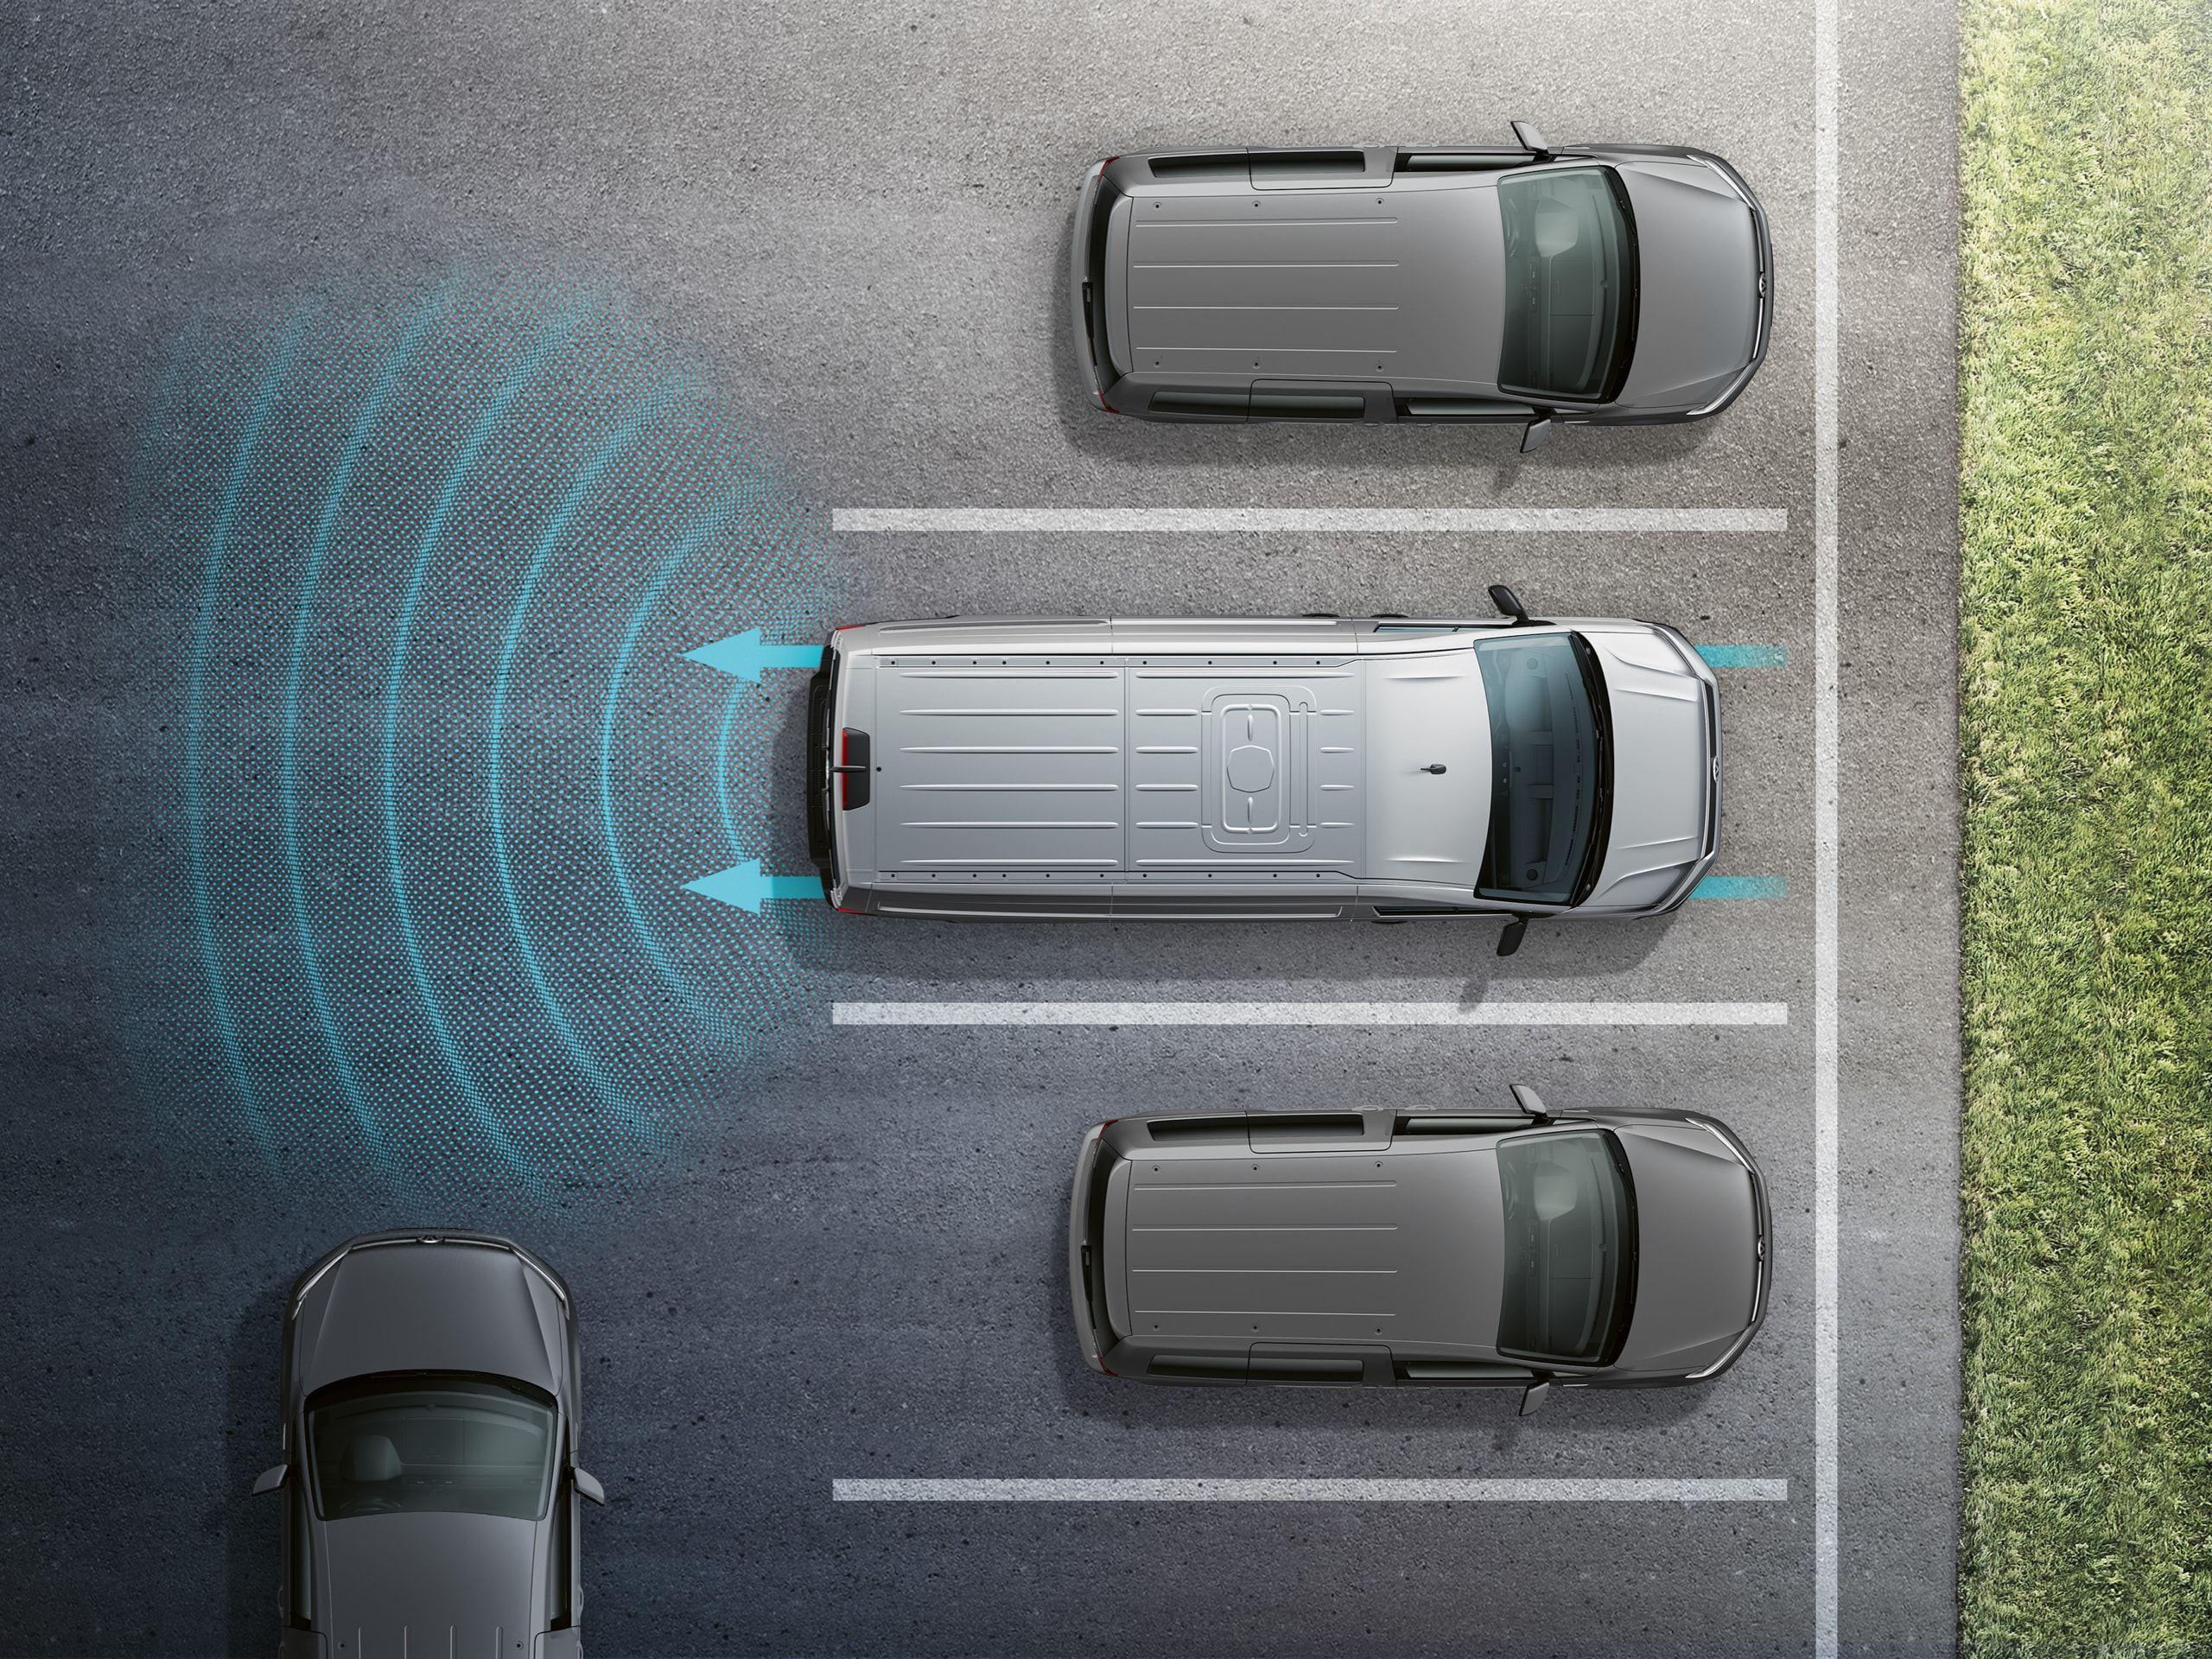 Volkswagen Caddy 5 neu 2020 Fahrerassistenzsysteme